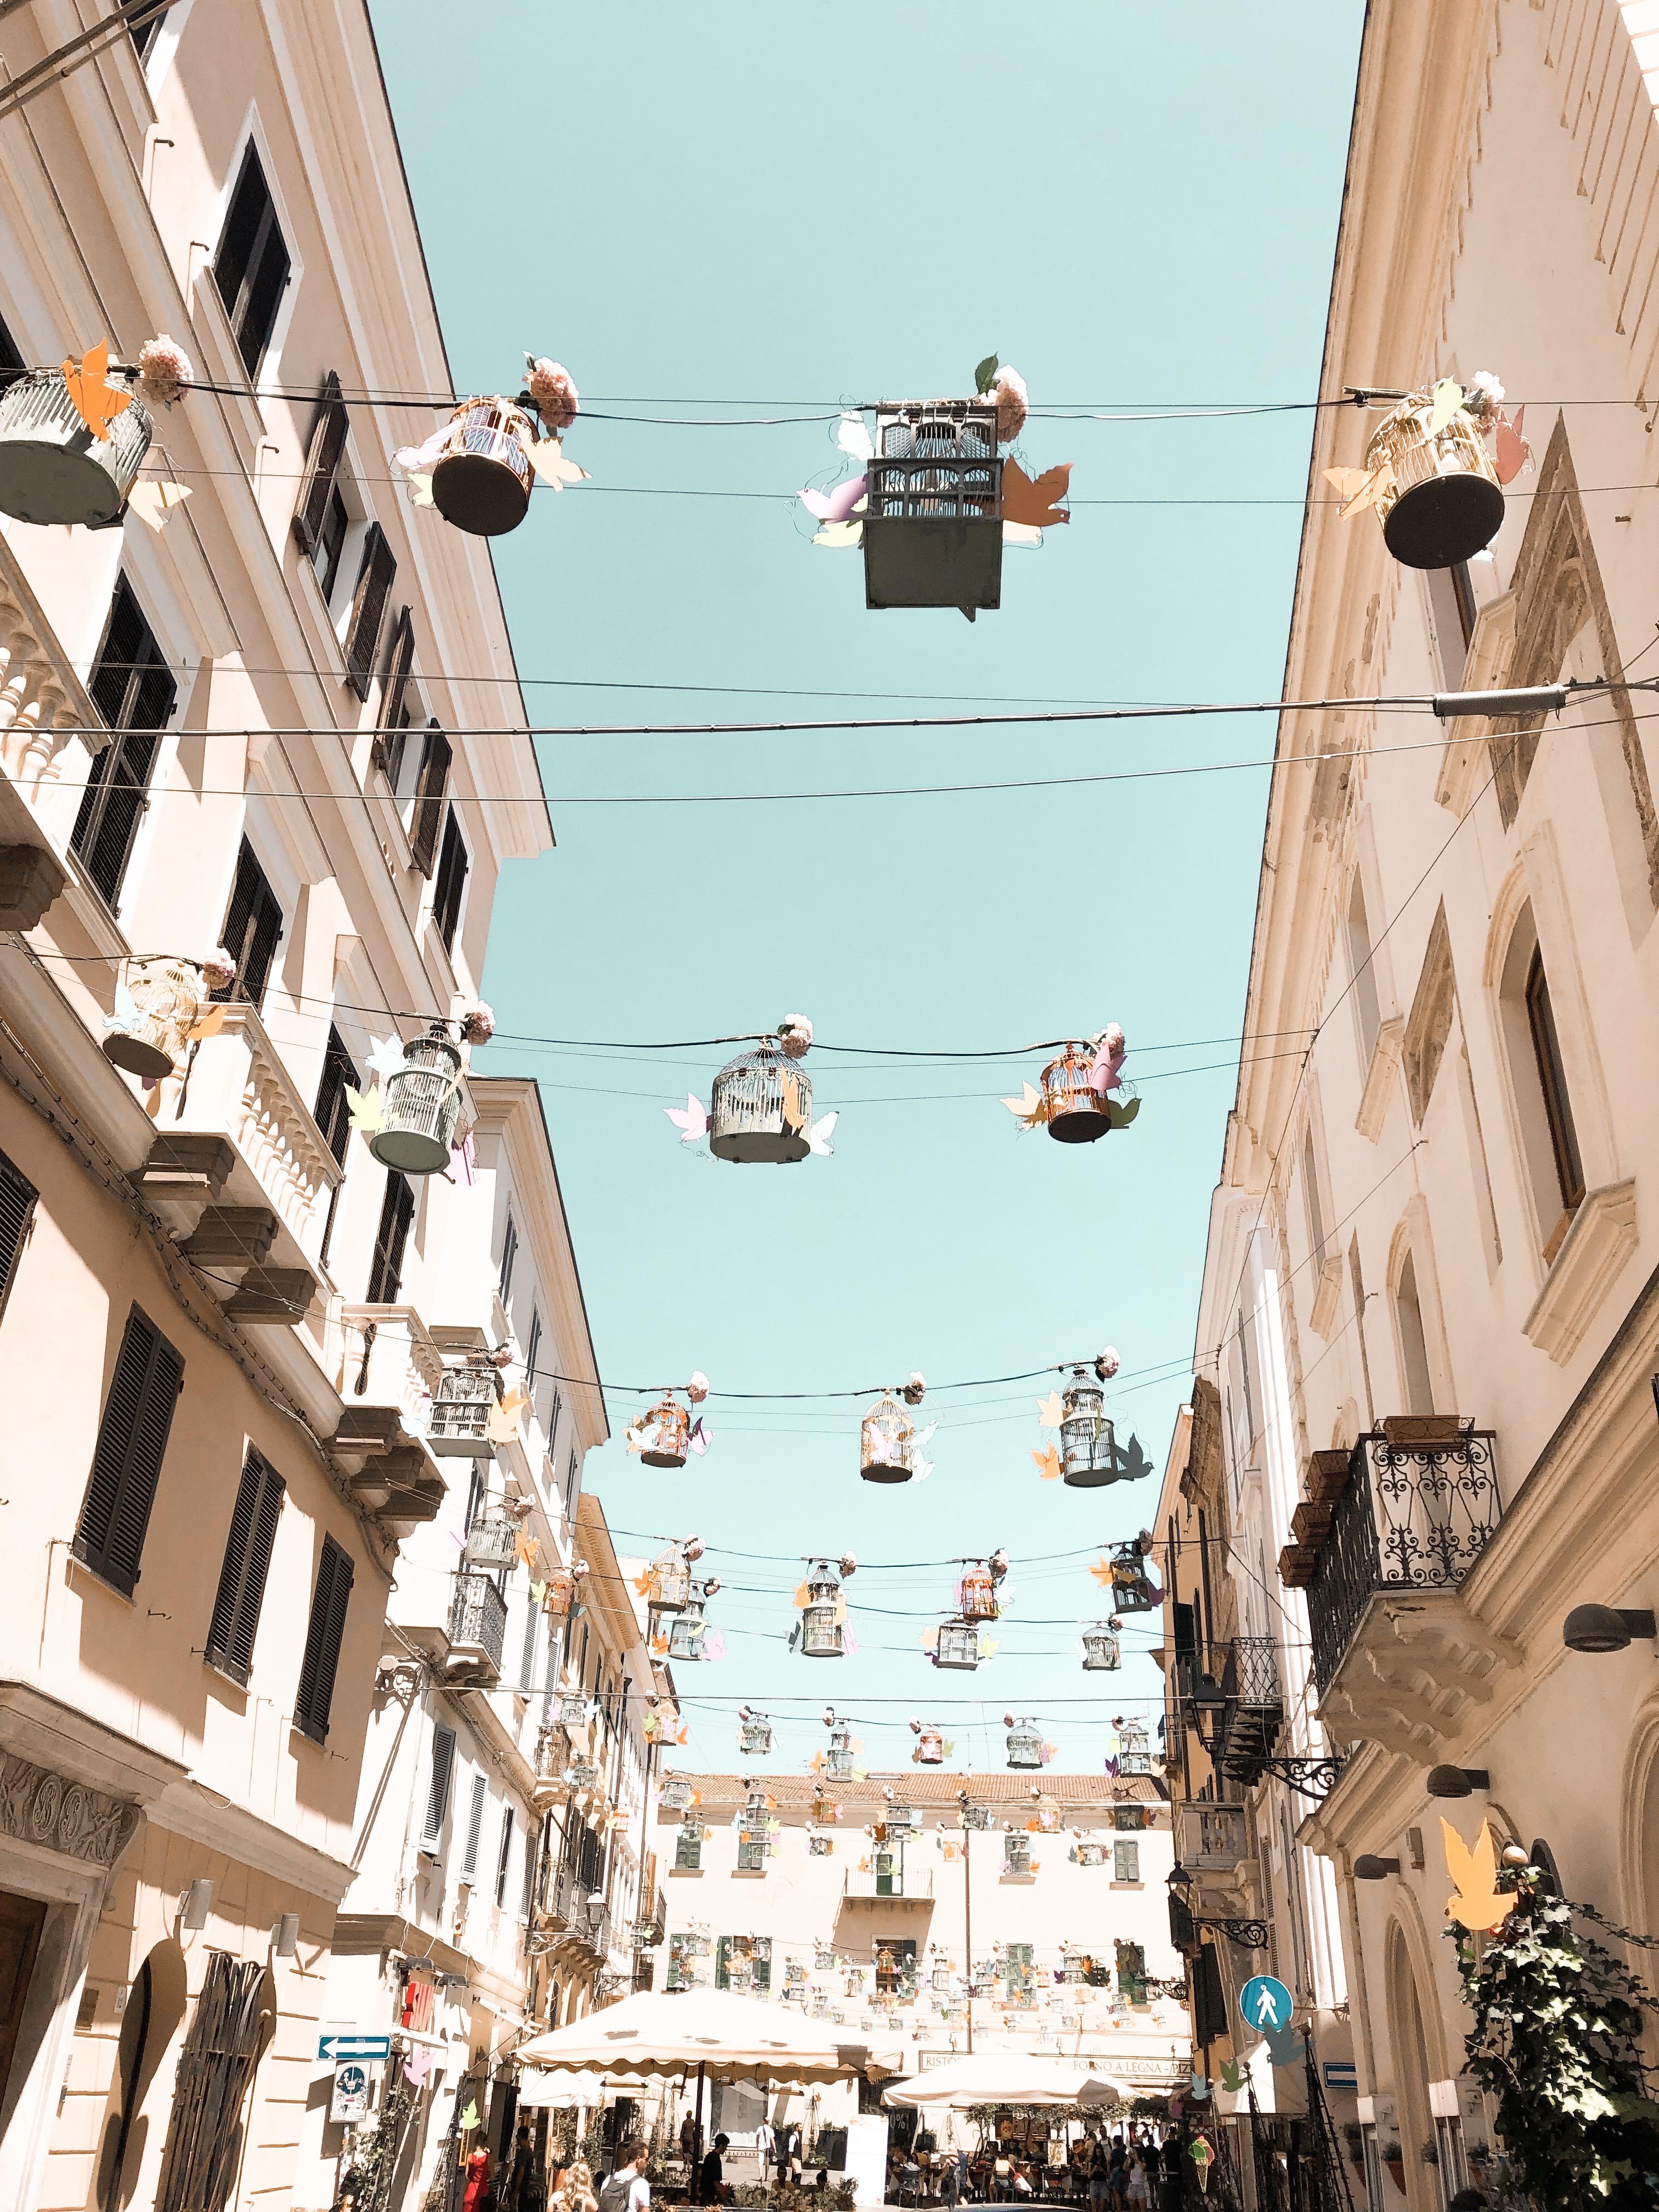 Postcards from Sardinia